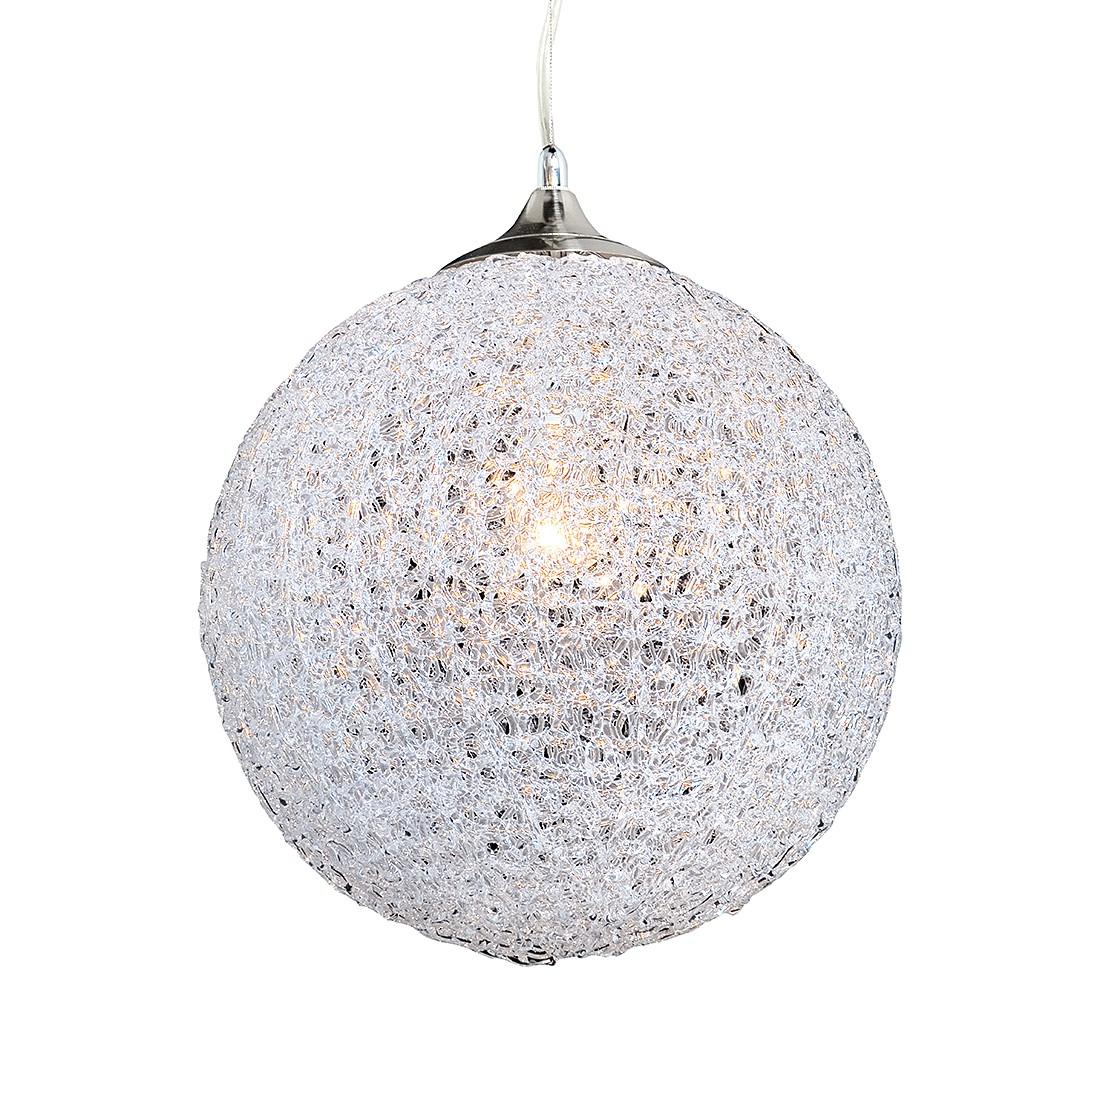 energie  A++, Hanglamp Candy - 1 lichtbron, Nino Leuchten